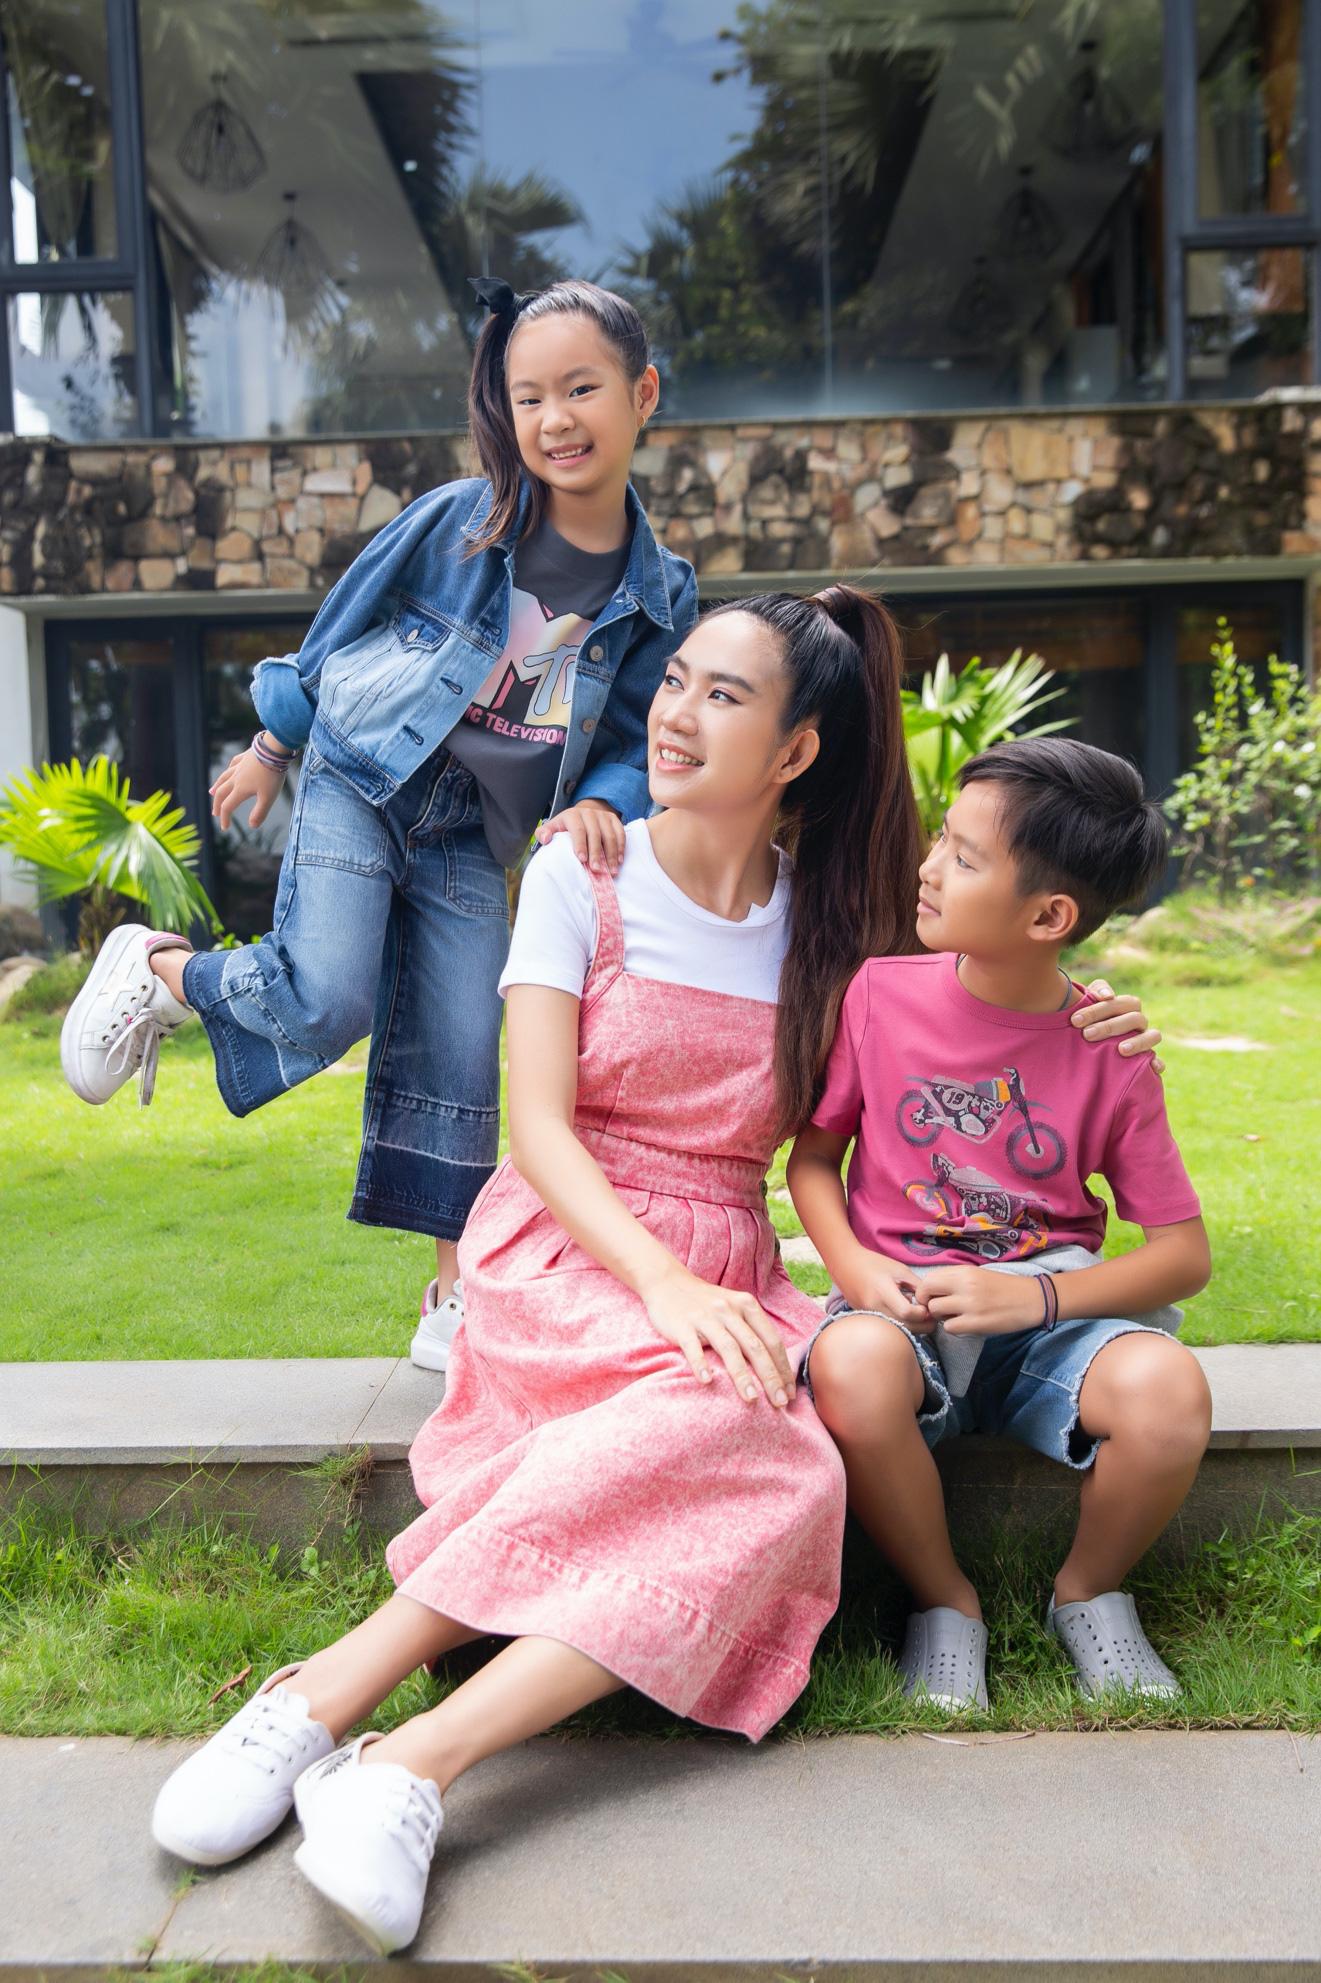 Vợ chồng Lý Hải - Minh Hà cùng 4 nhóc tì xuất hiện như fashionista trong BST Holiday của GAP - Ảnh 3.